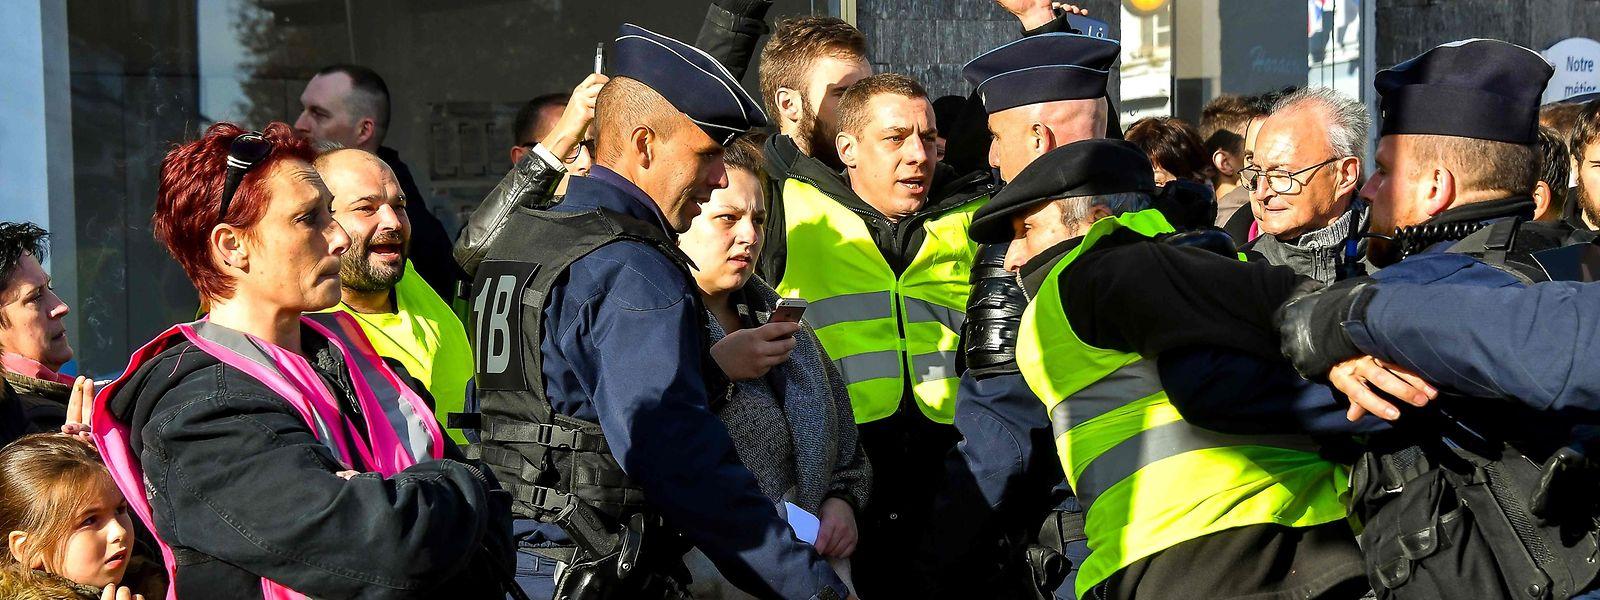 Manifestation des gilets jaunes le 9 novembre dernier à Albert près d'Amiens